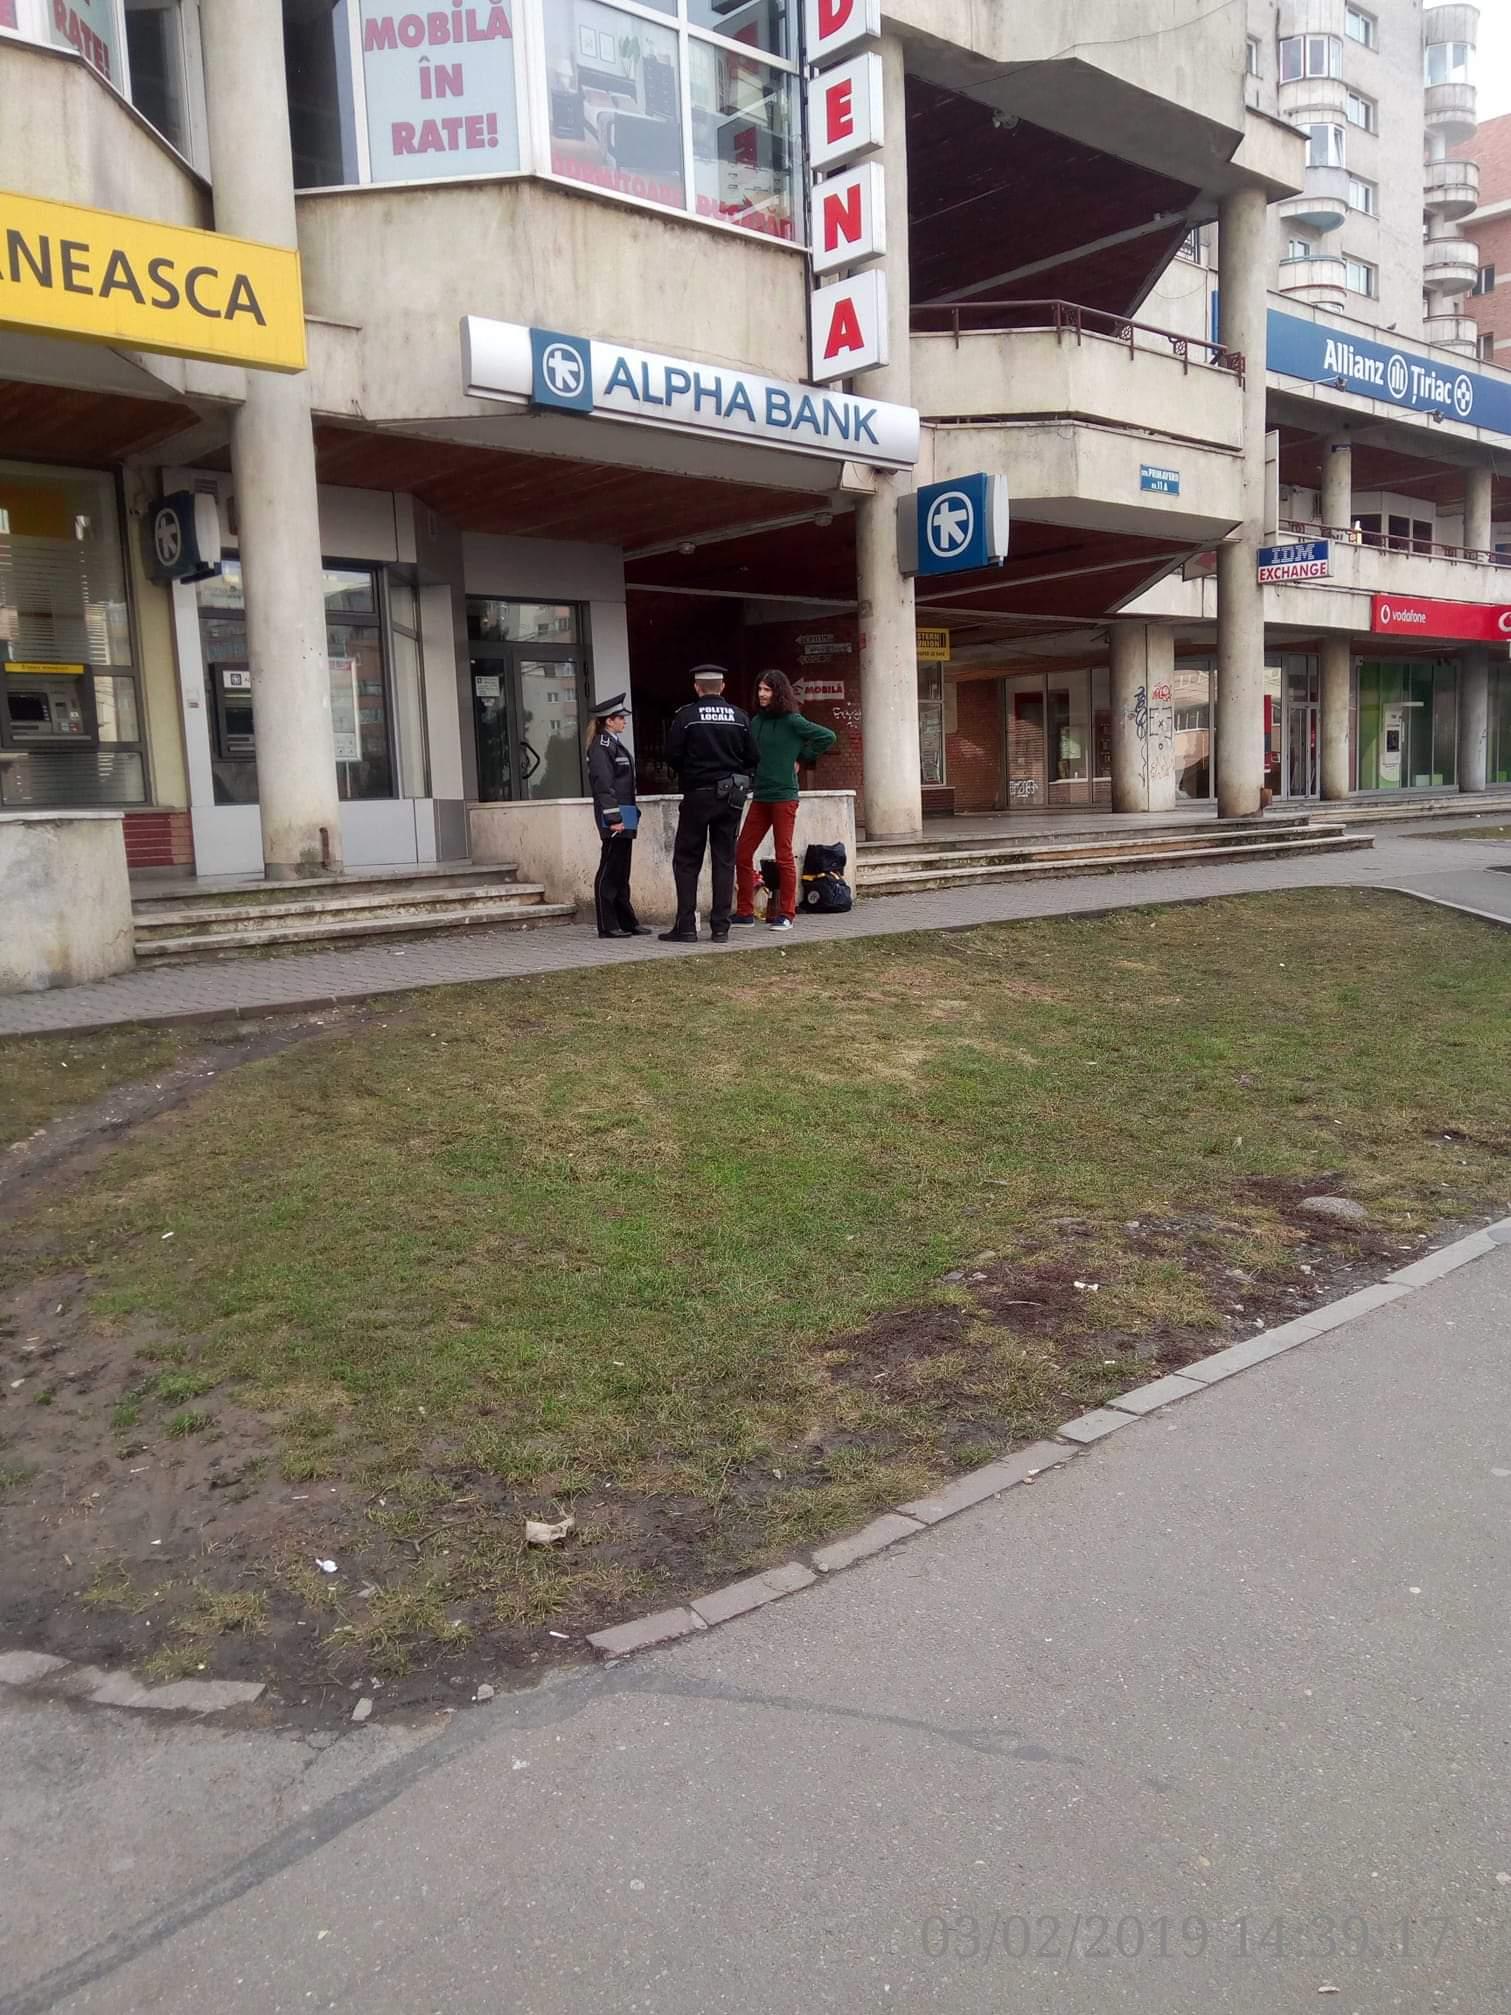 Polițiștii locali clujeni se fac că nu îi văd pe cerșetorii și drogații din zona Minerva, dar se leagă de un artist stradal! FOTO